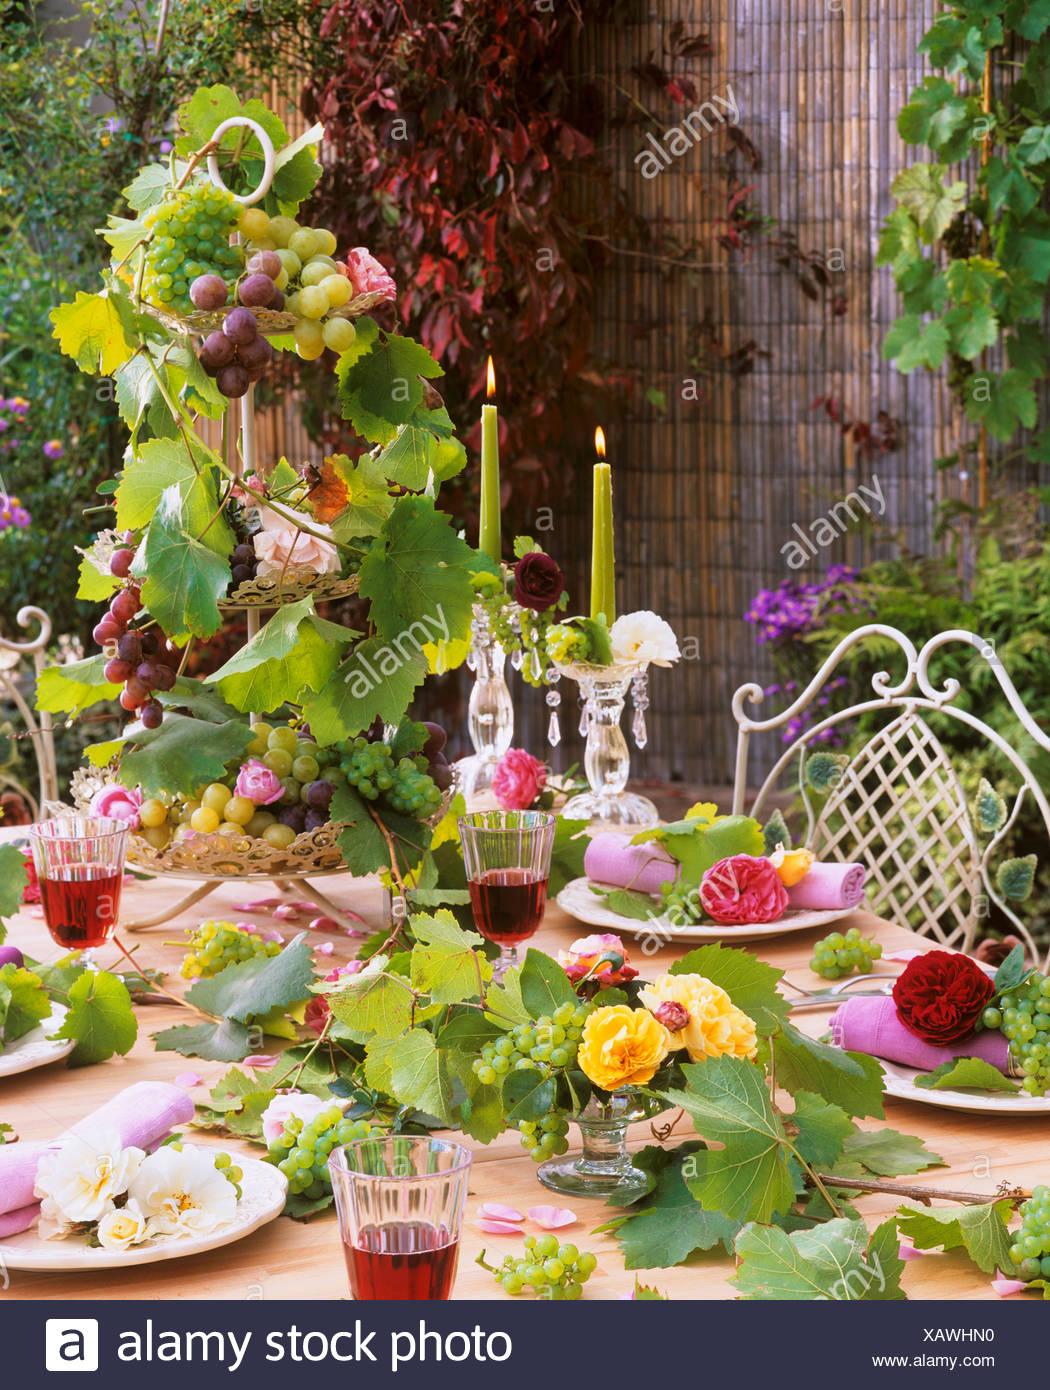 Weiss Gelb Rosa Rote Rosen Mit Trauben Als Tischdekoration